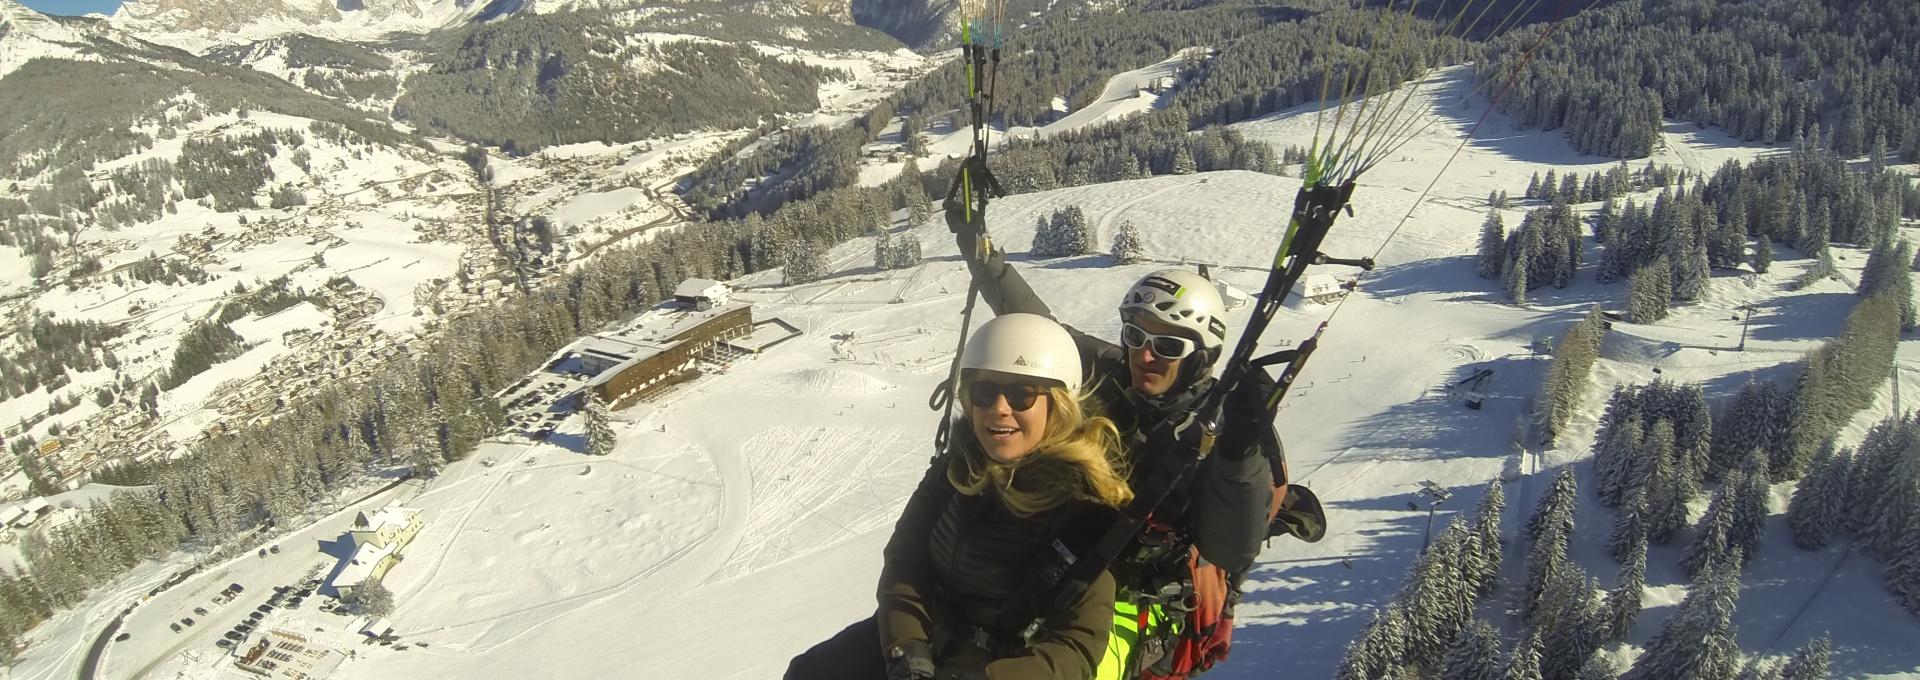 Paragliding Tandem Gardenafly - winter